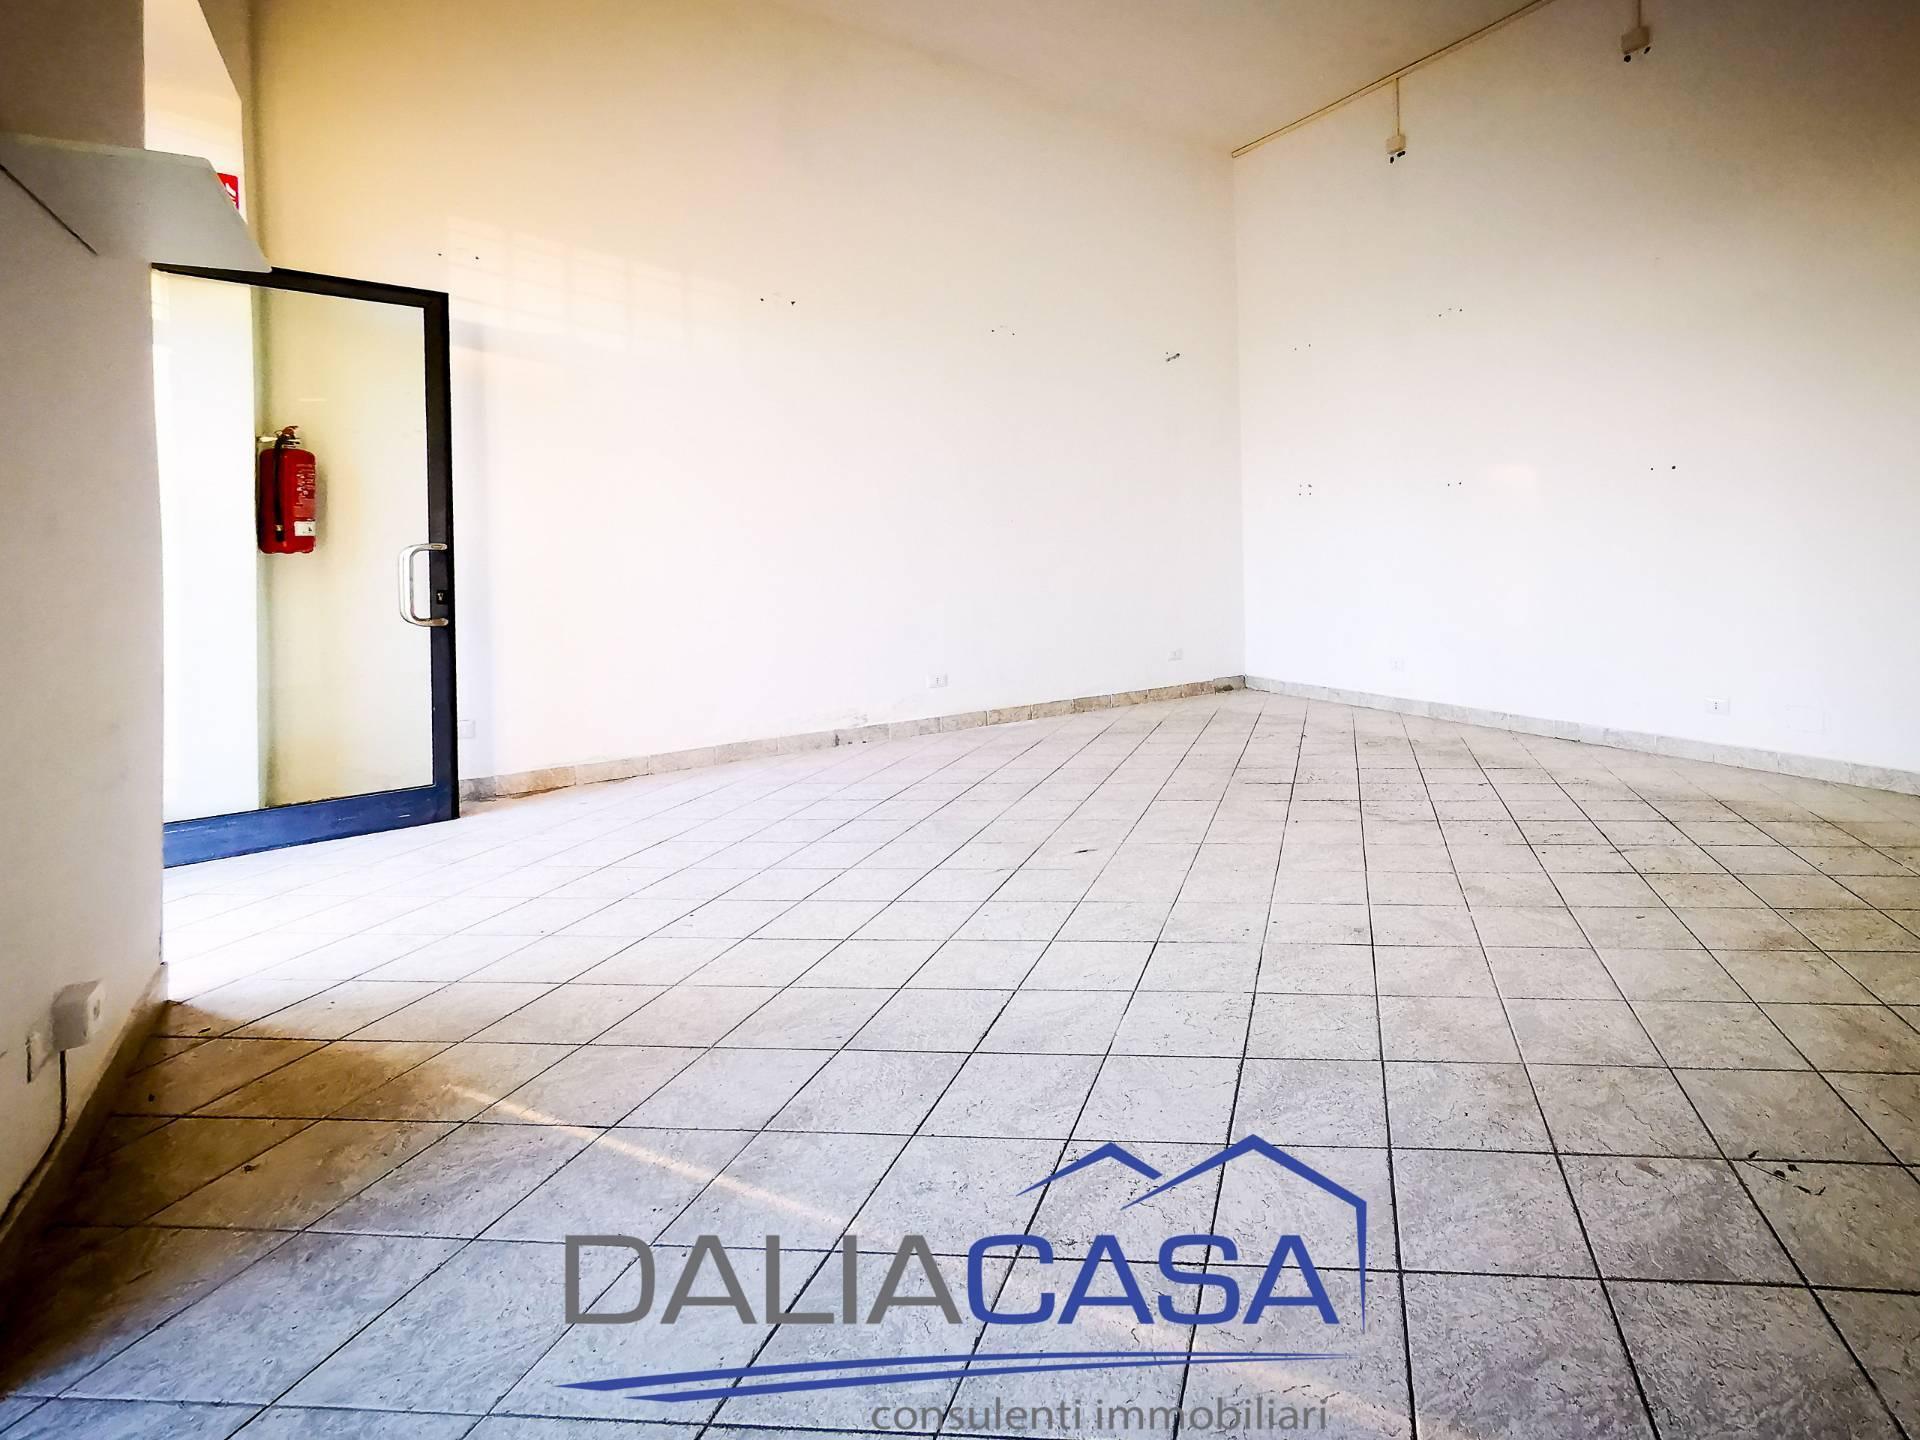 Negozio / Locale in affitto a Gaeta, 9999 locali, prezzo € 400 | CambioCasa.it